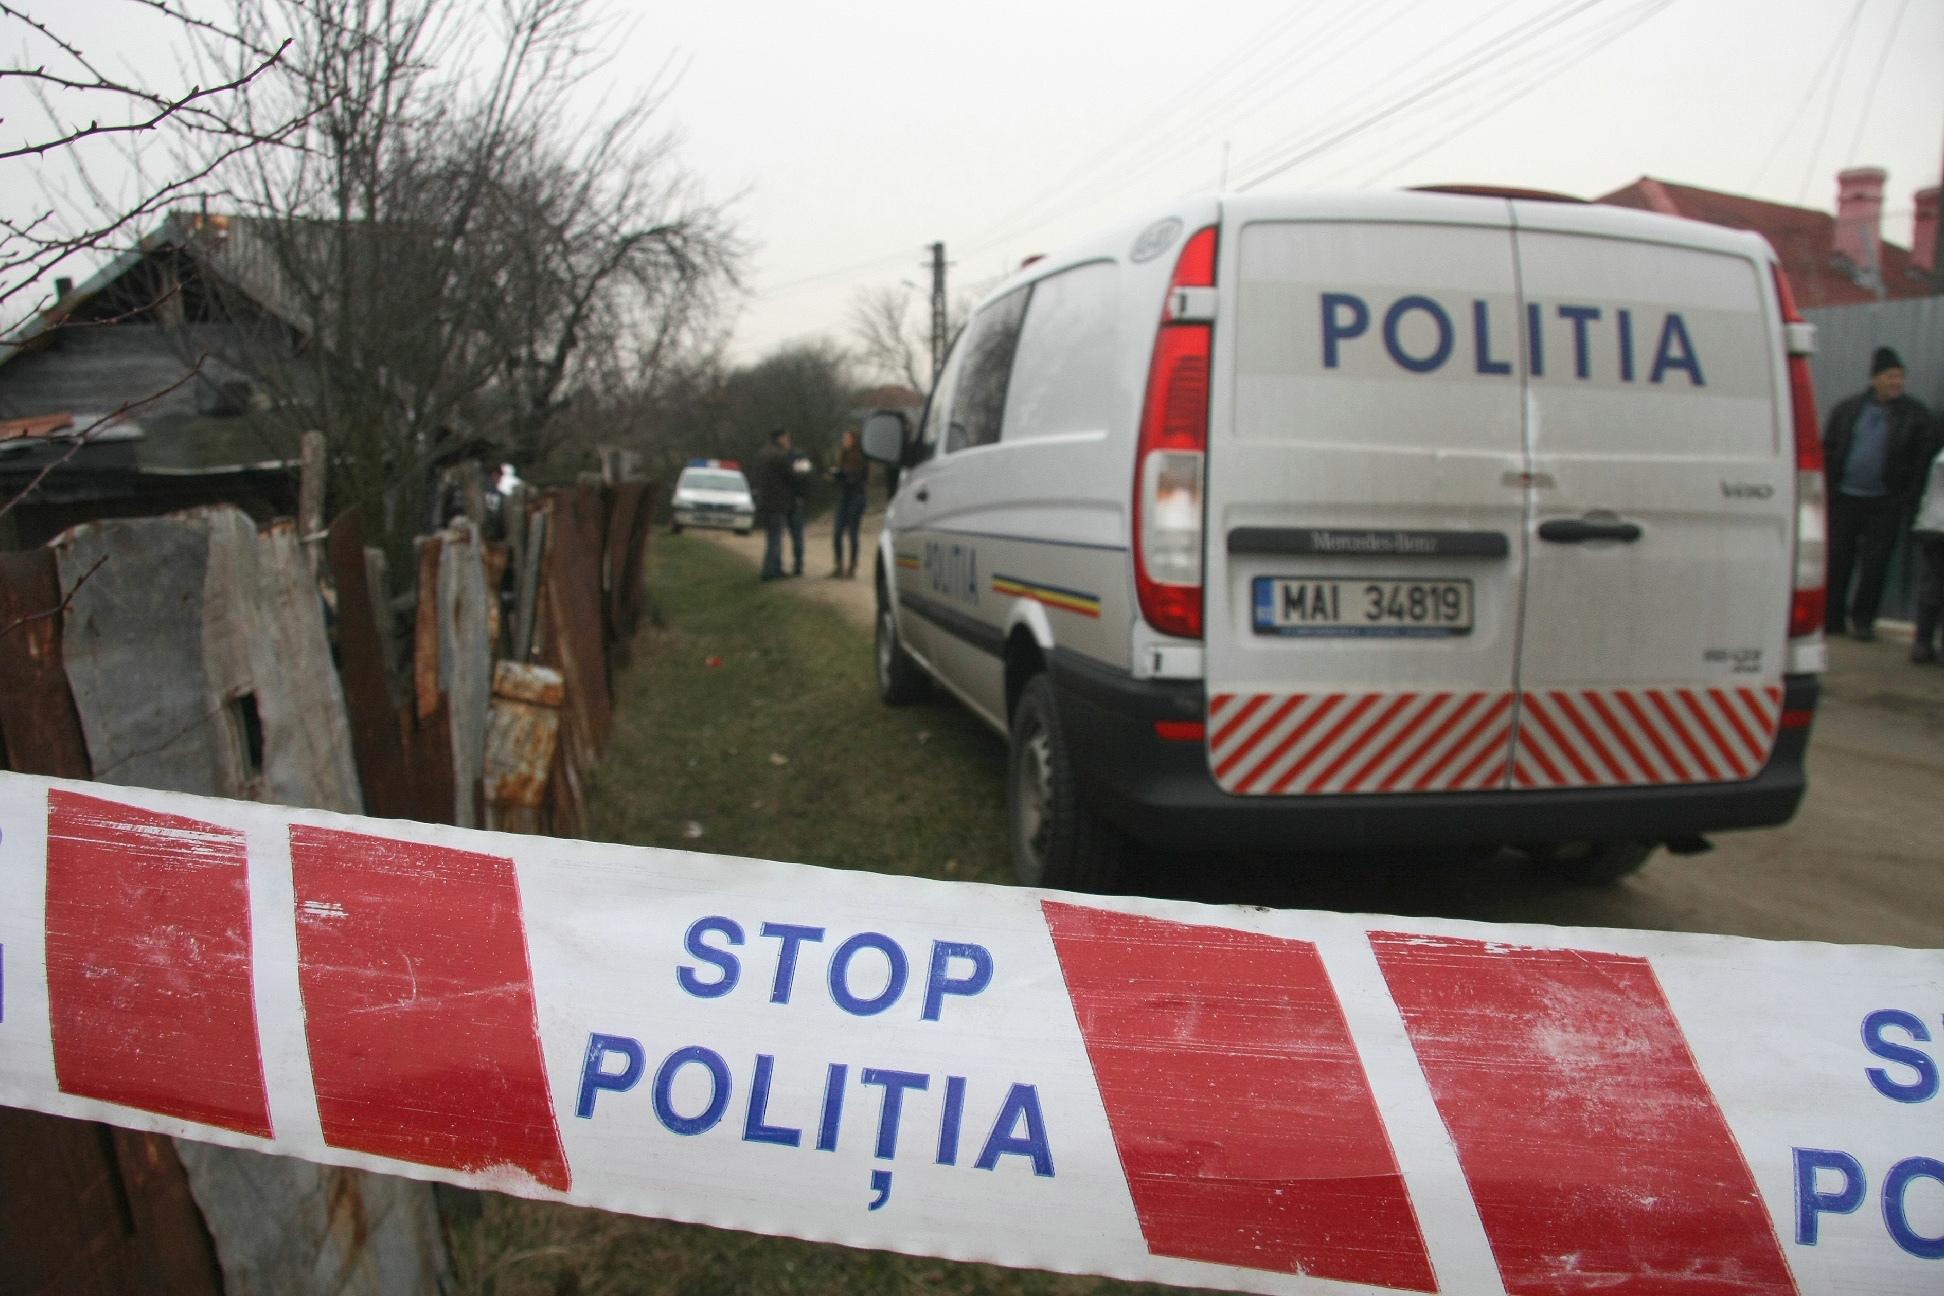 Anchetă criminalistică la Braşov după moartea unui bărbat care a căzut de la etajul 7